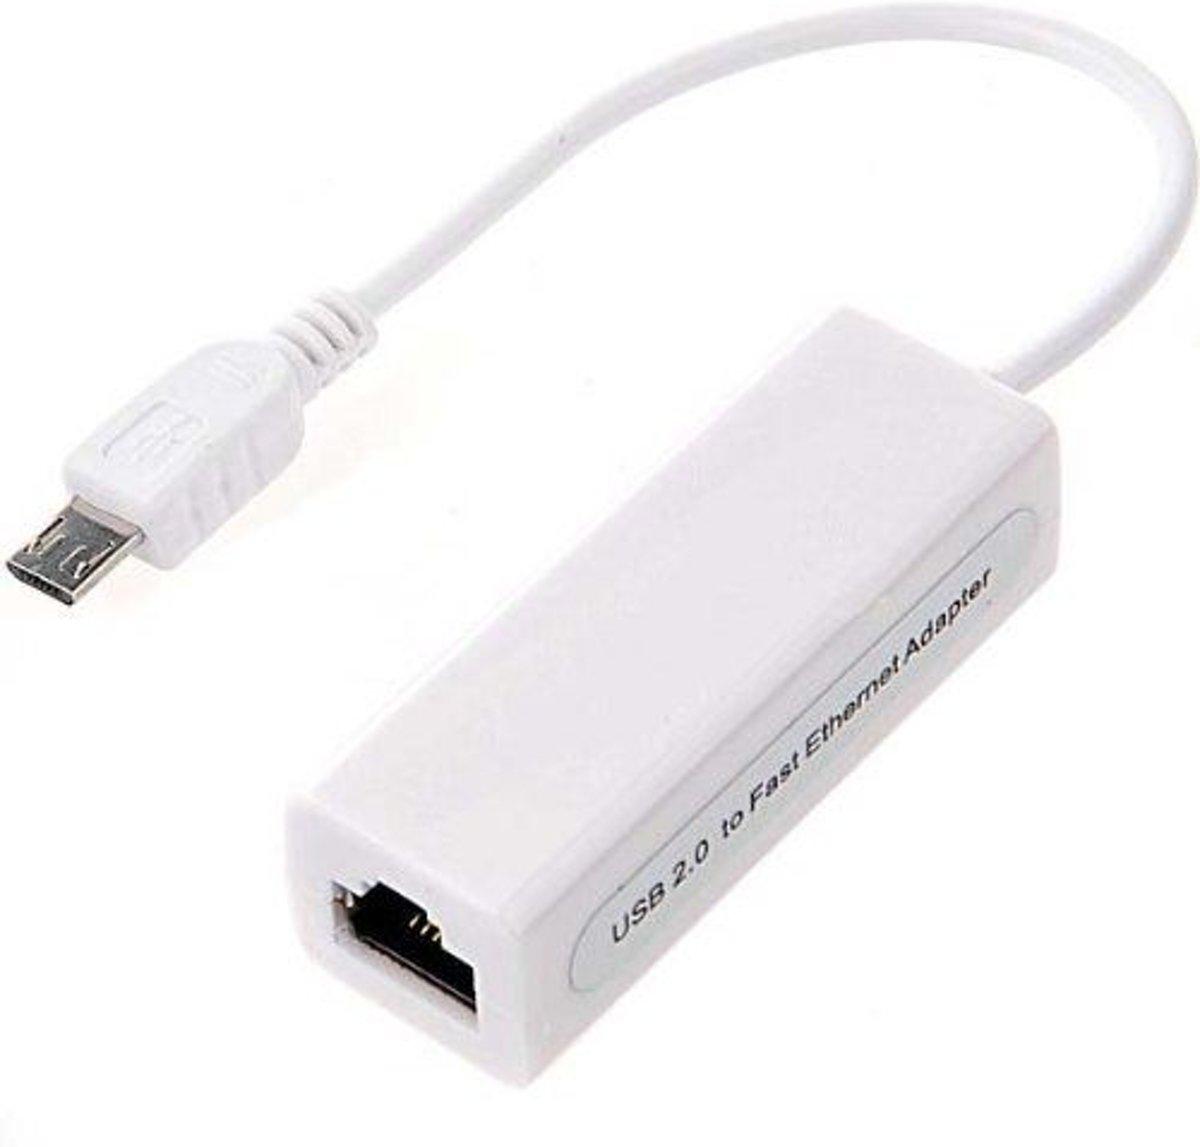 Js Supply Usb Micro Naar Rj45 Ethernet Adapter 010 Meter Lan Converter To Kabel